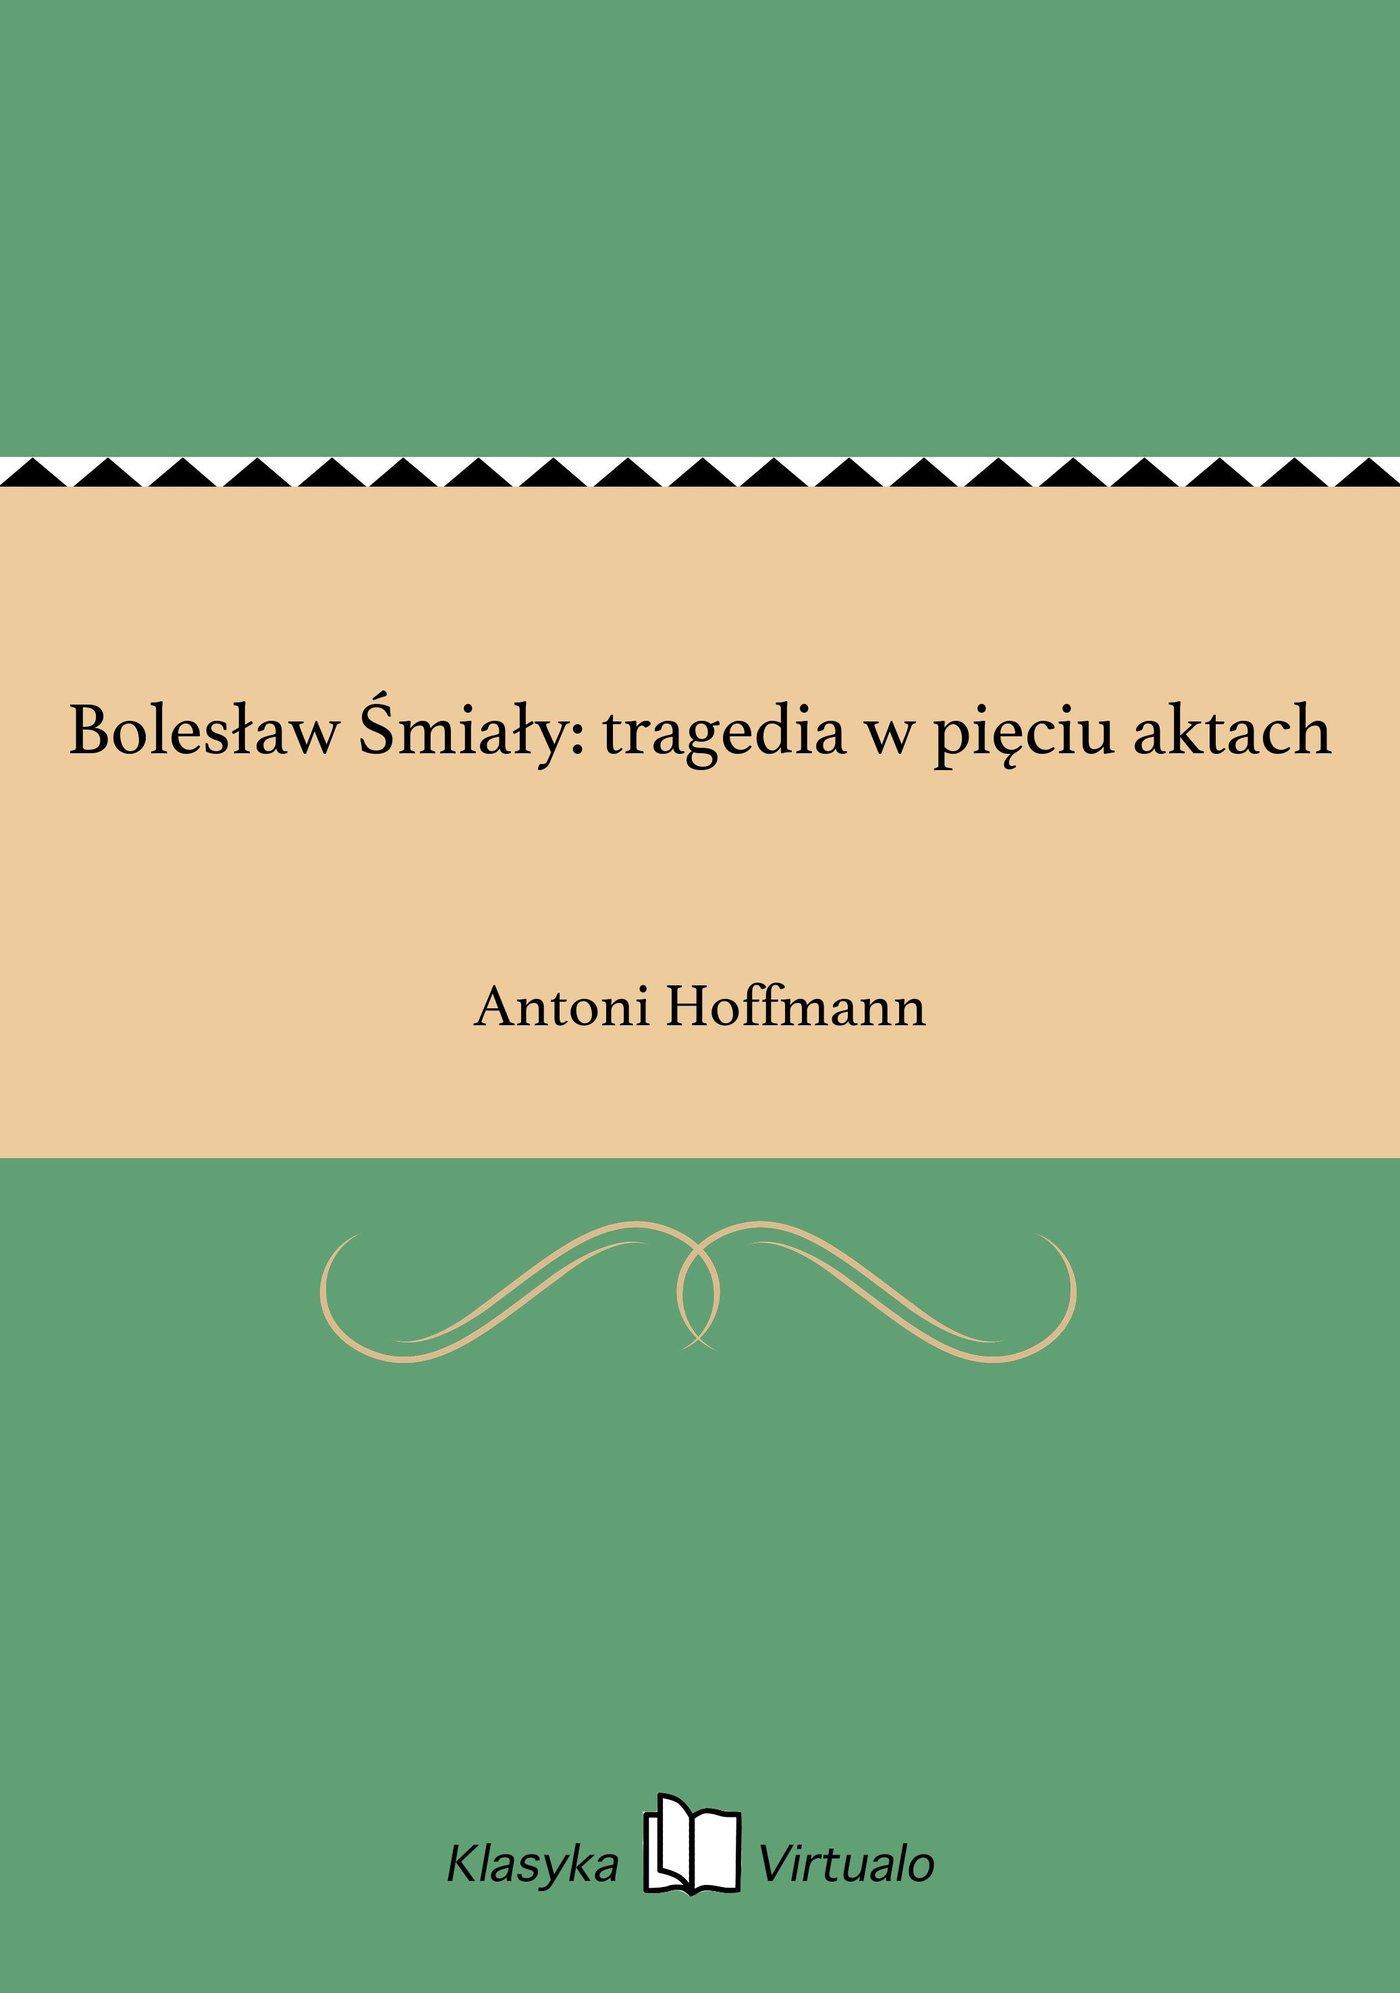 Bolesław Śmiały: tragedia w pięciu aktach - Ebook (Książka EPUB) do pobrania w formacie EPUB